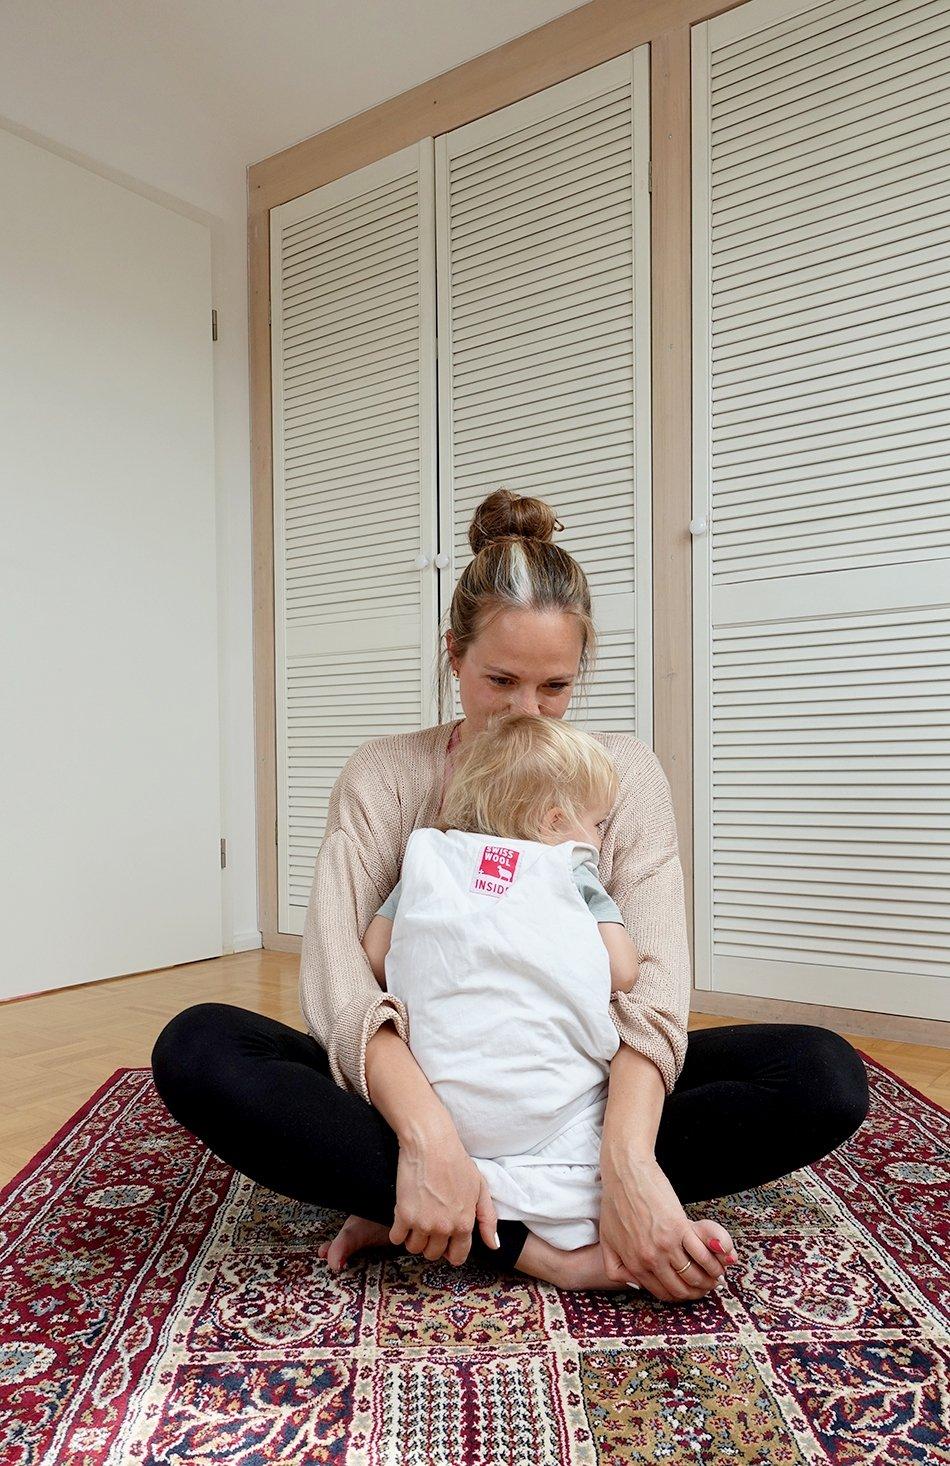 Fokus Thema, Yoga, Einstieg, Balance finden, Selbstfürsorge, Me time, Mamaleben